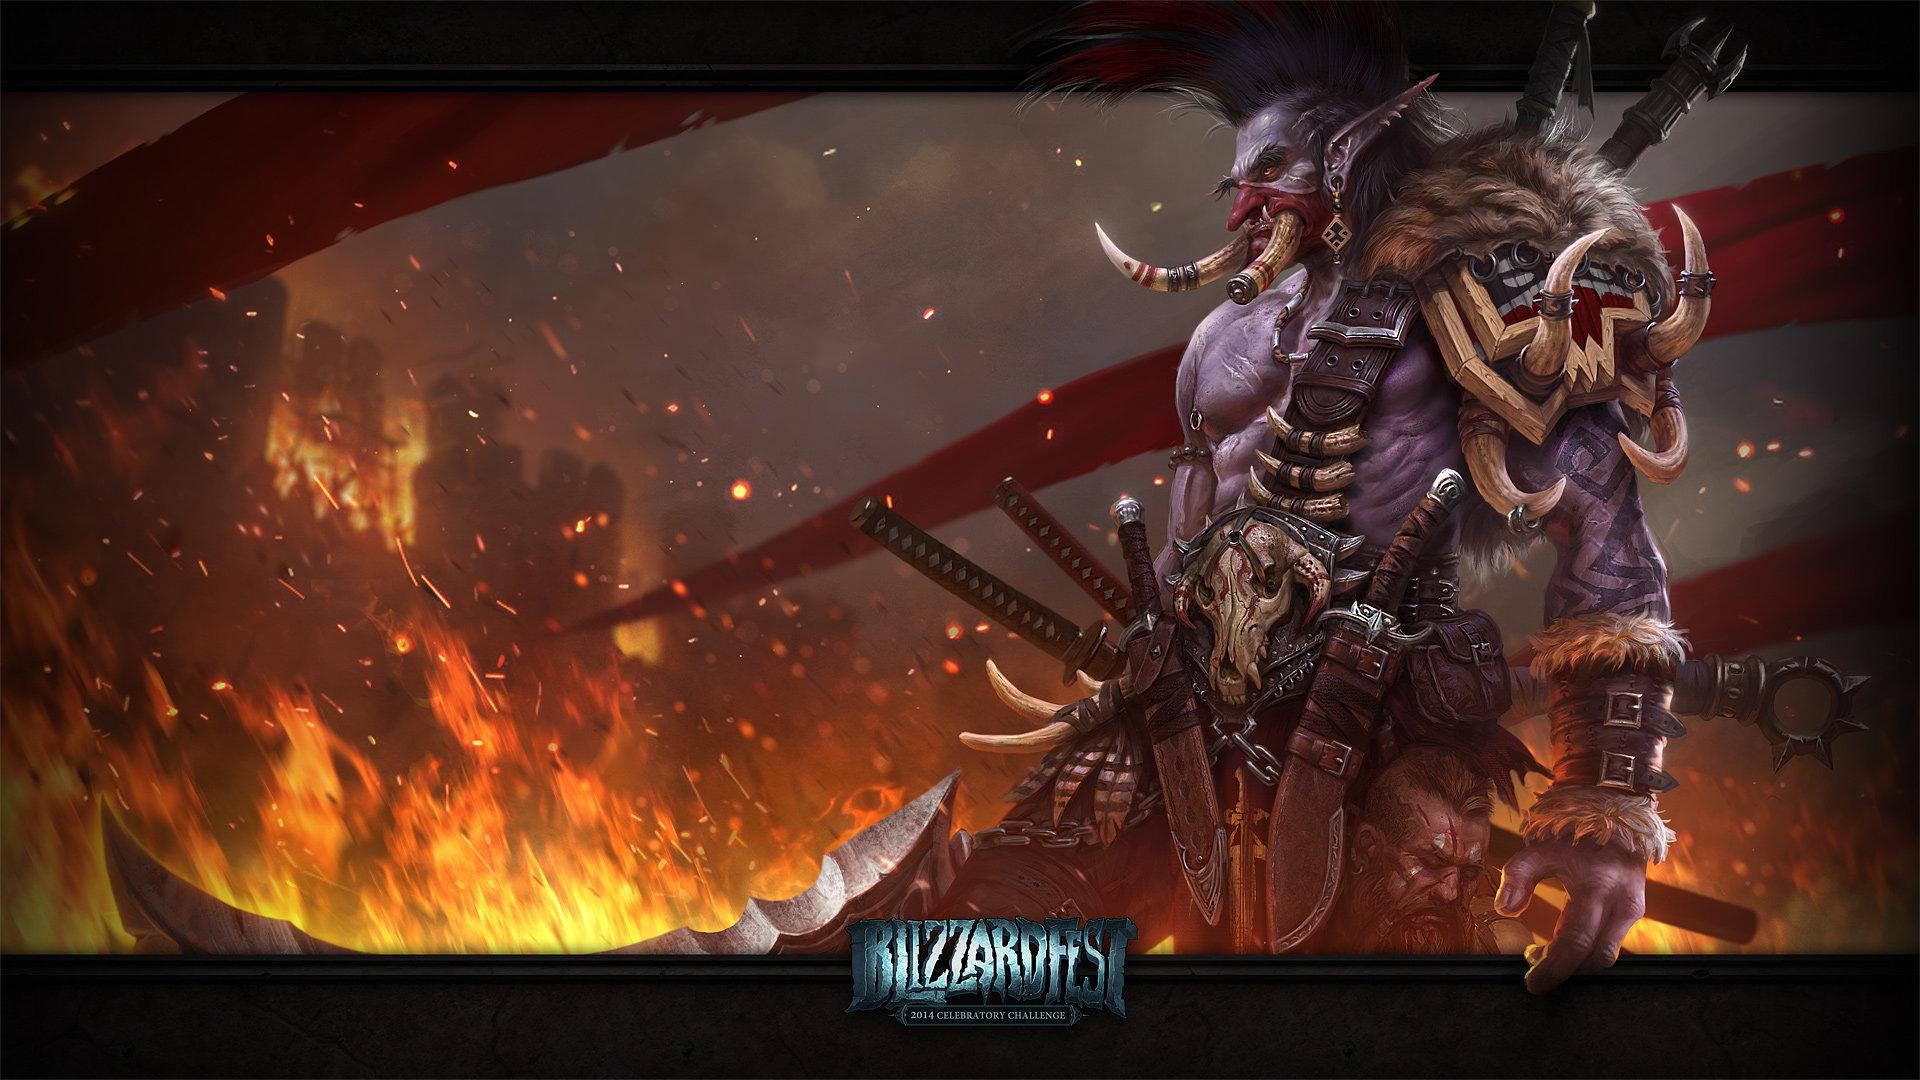 World Of Warcraft Wallpaper 1920x1080: WOW Troll Wallpaper